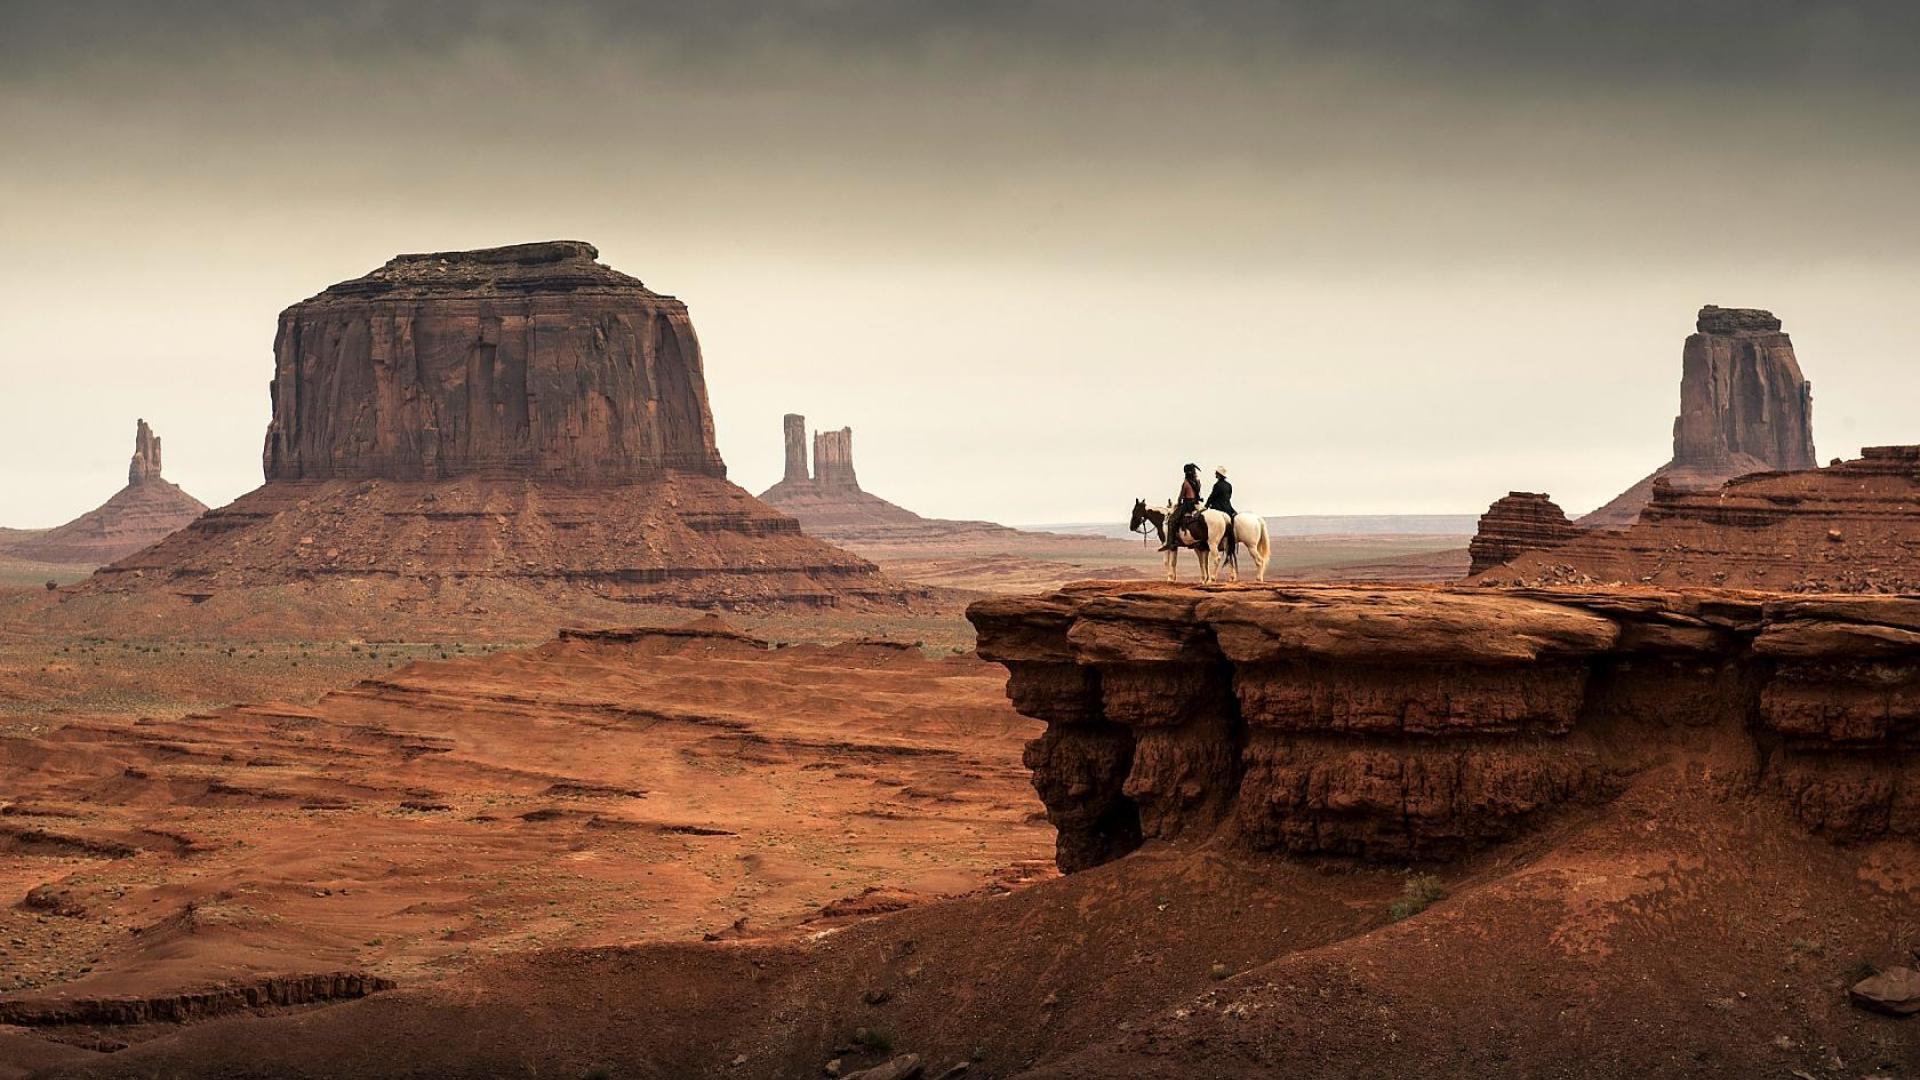 Western cowboy scene desktop wallpapers top free western - Cowboy wallpaper hd ...